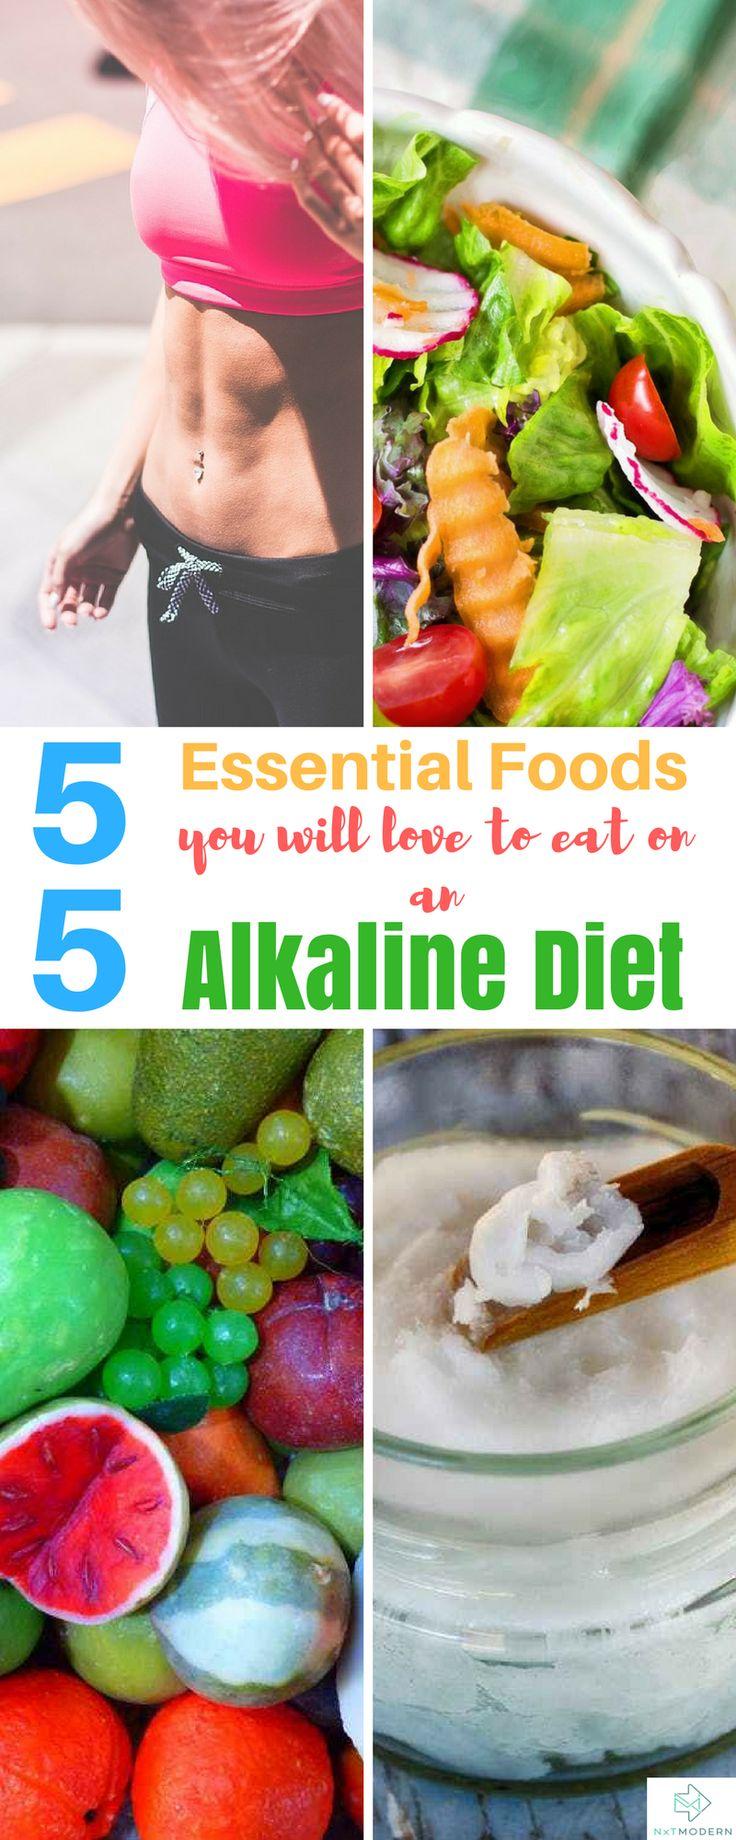 Essential Foods To Eat On an Alkaline Diet #alkalinediet